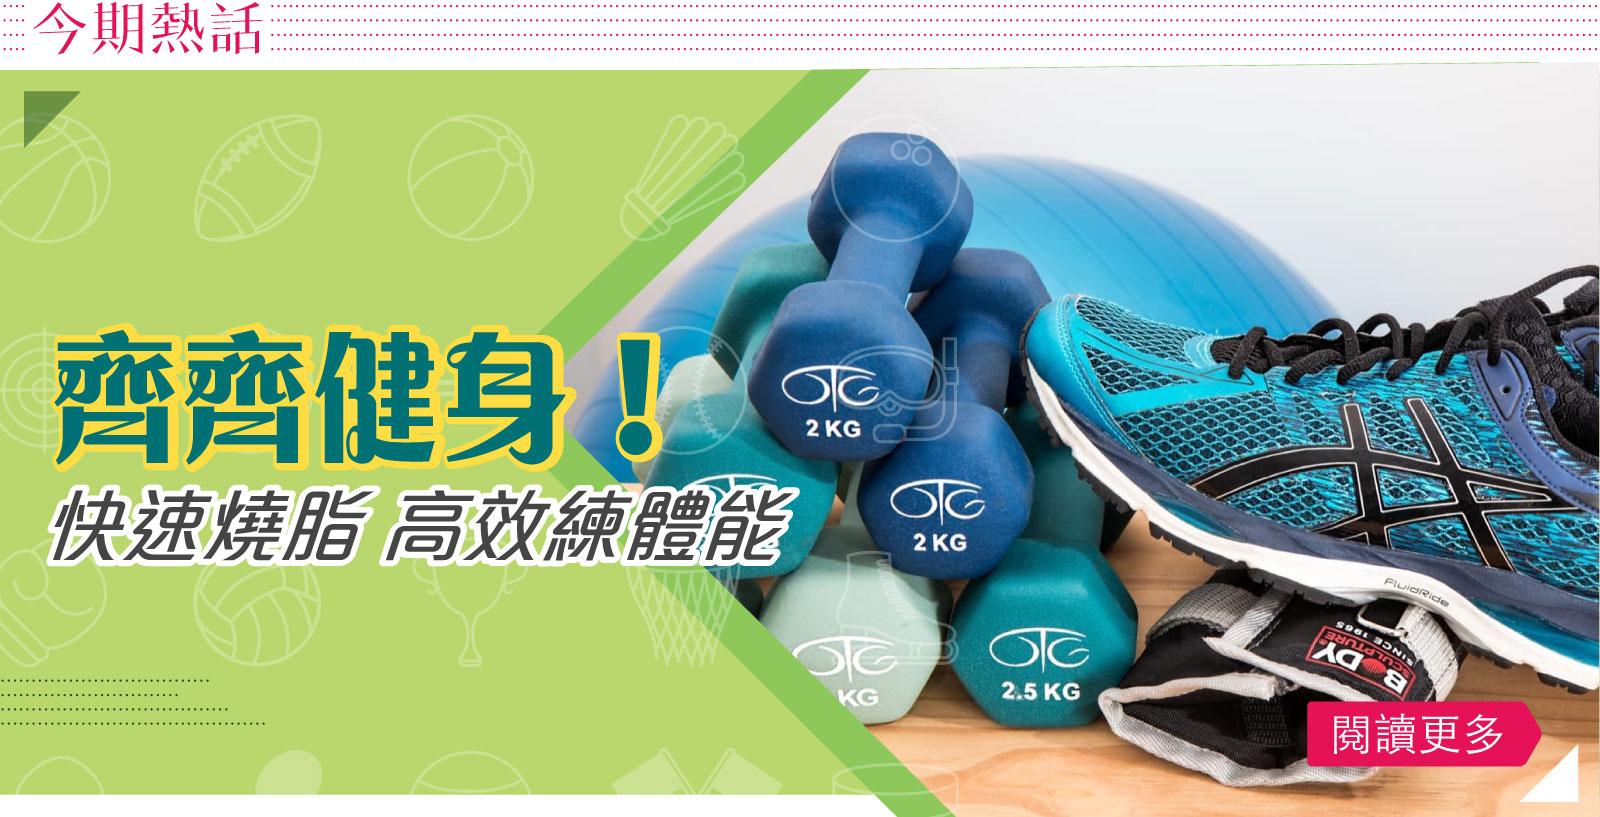 齊齊健身!快速燒脂 高效練體能